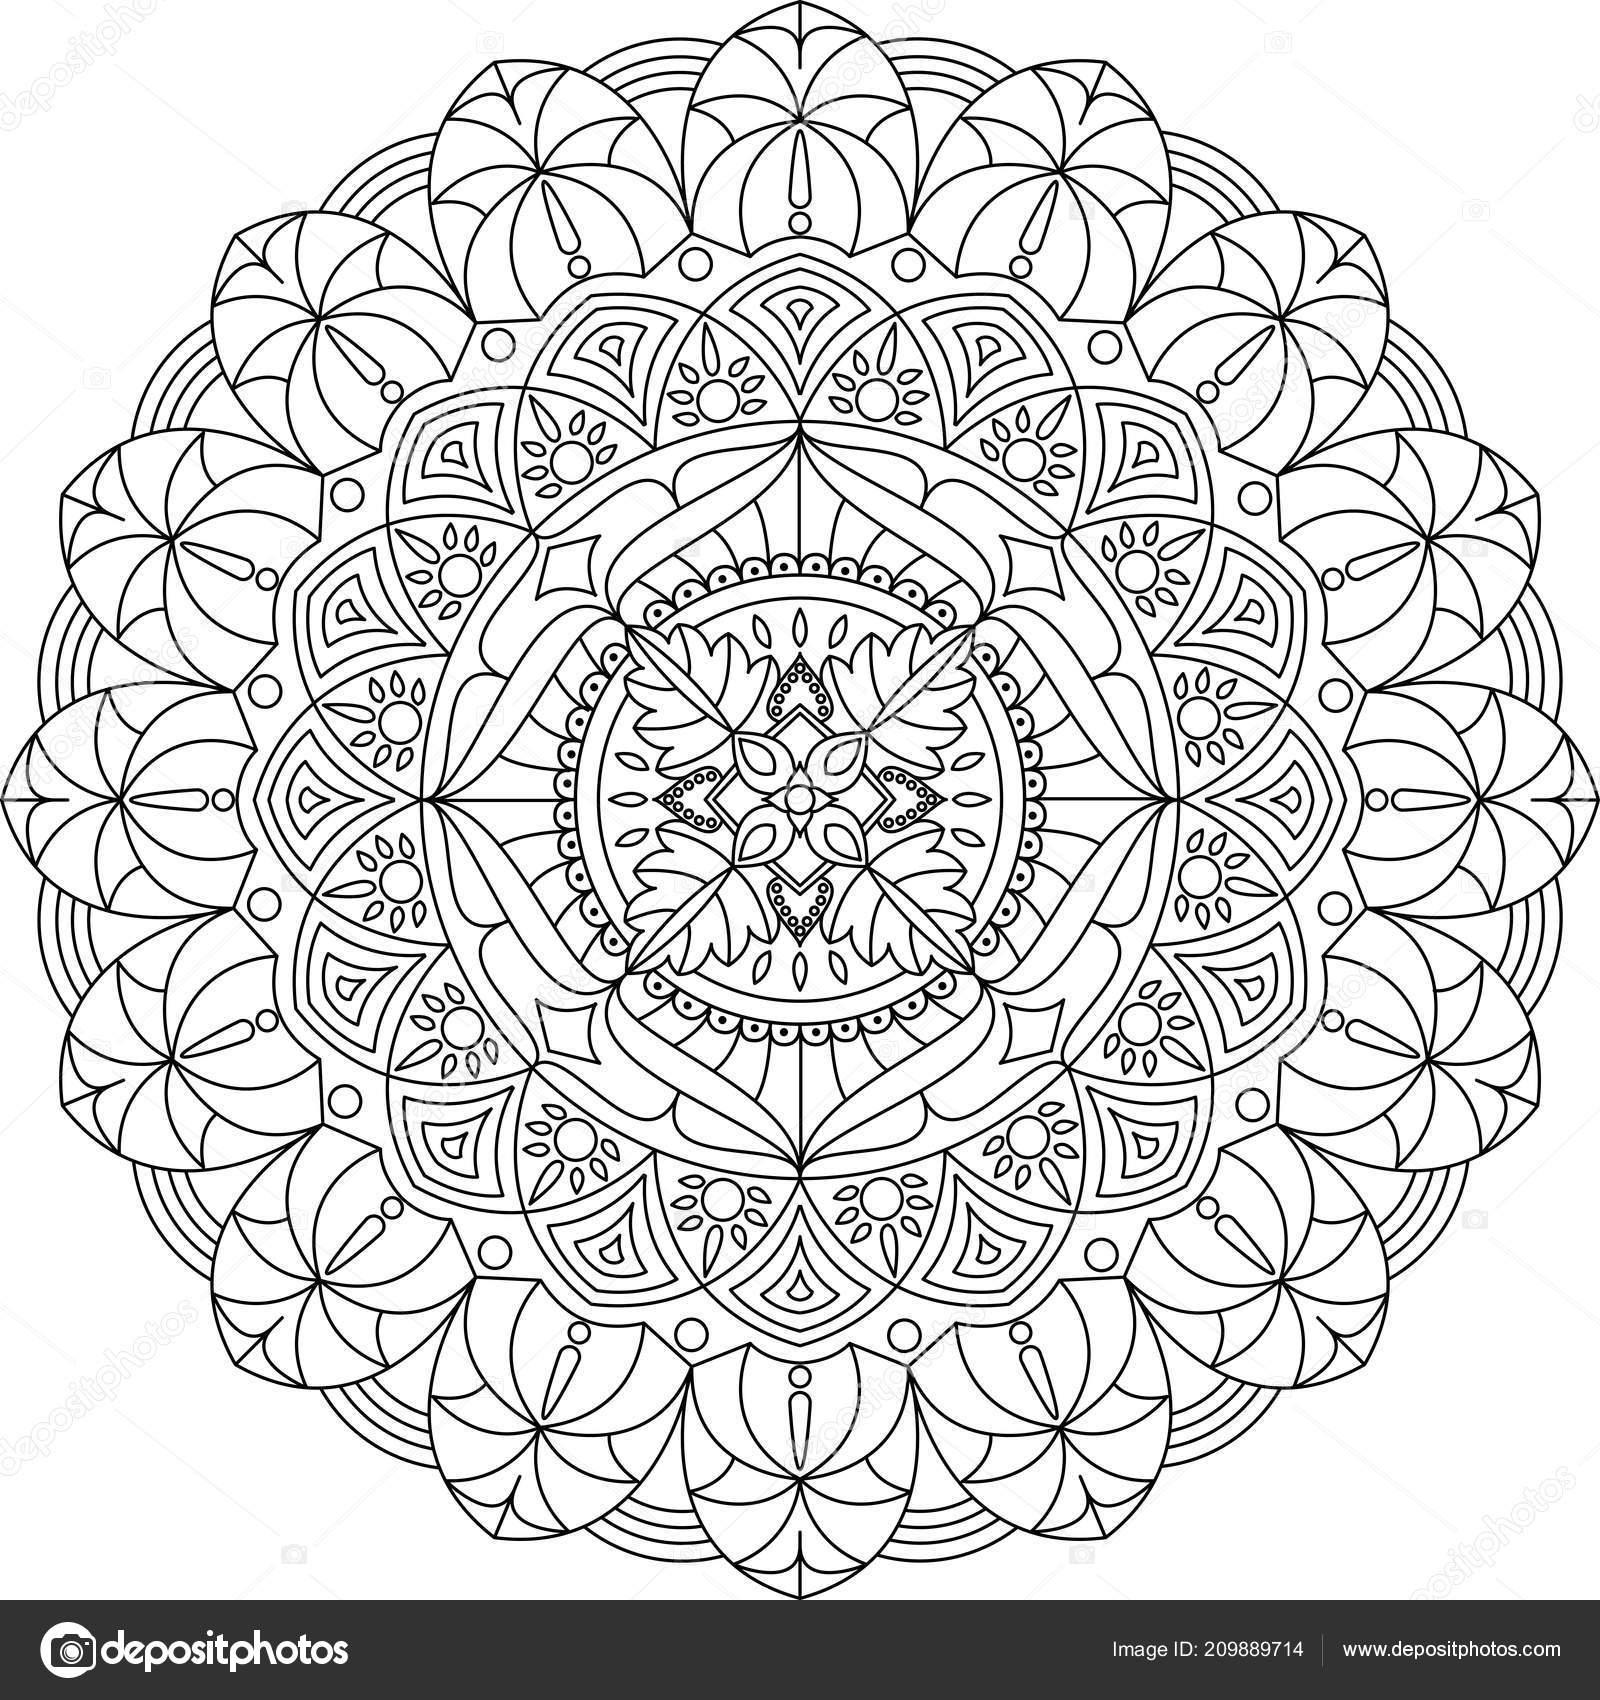 Coloriage Mandala Couleur.Ornement Mandala Illustration Vectorielle Mandala Couleur Noire